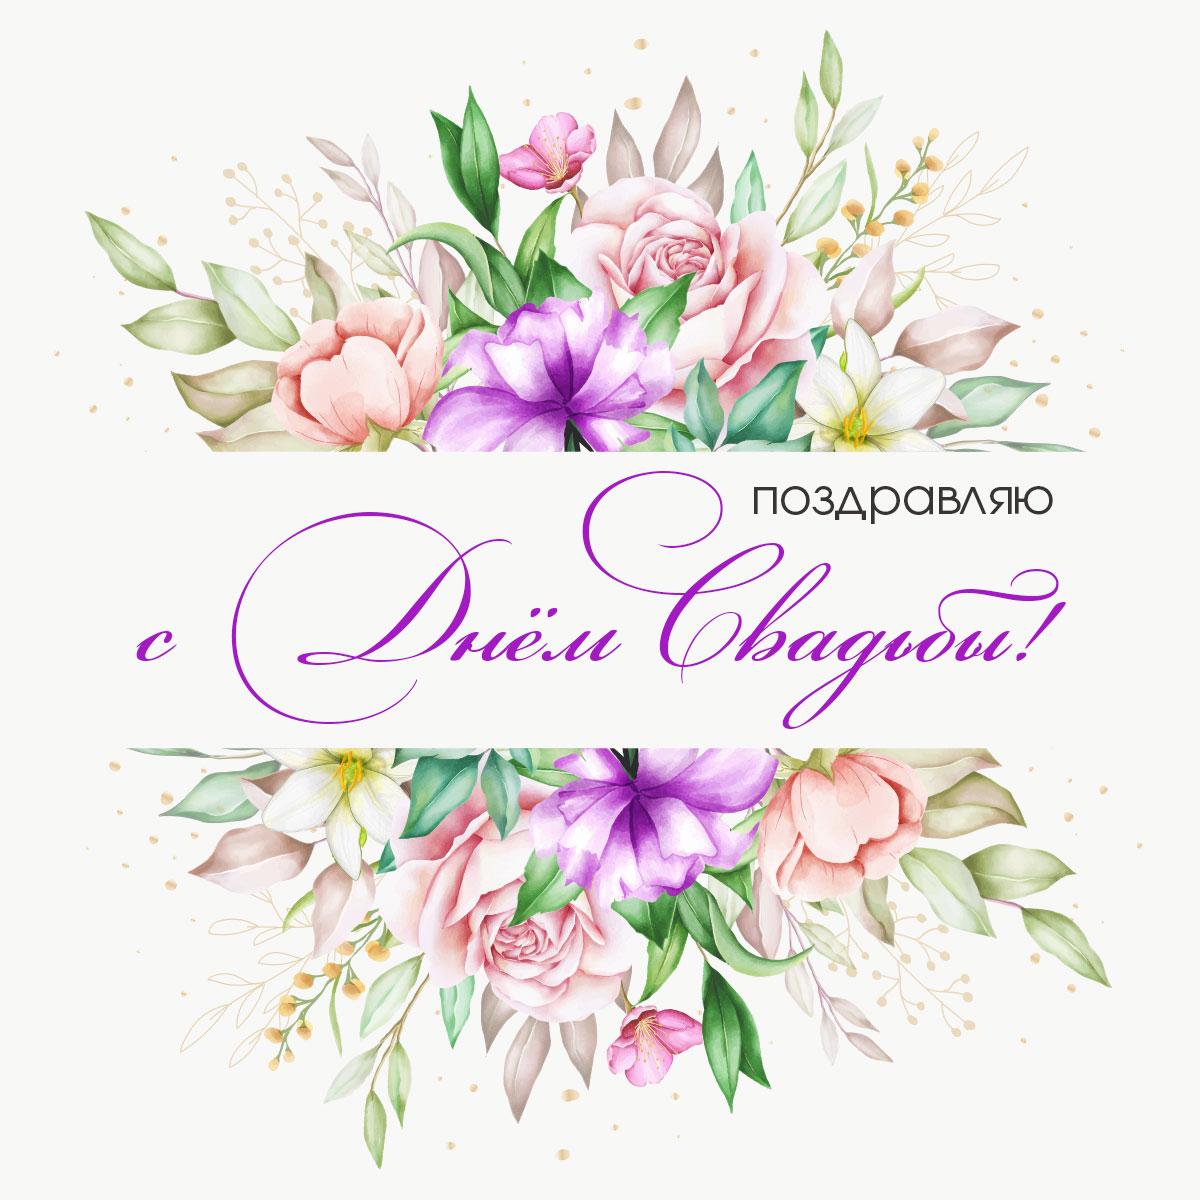 Картинка с текстом поздравляю с днем свадьбы и розовых цветов магнолии.